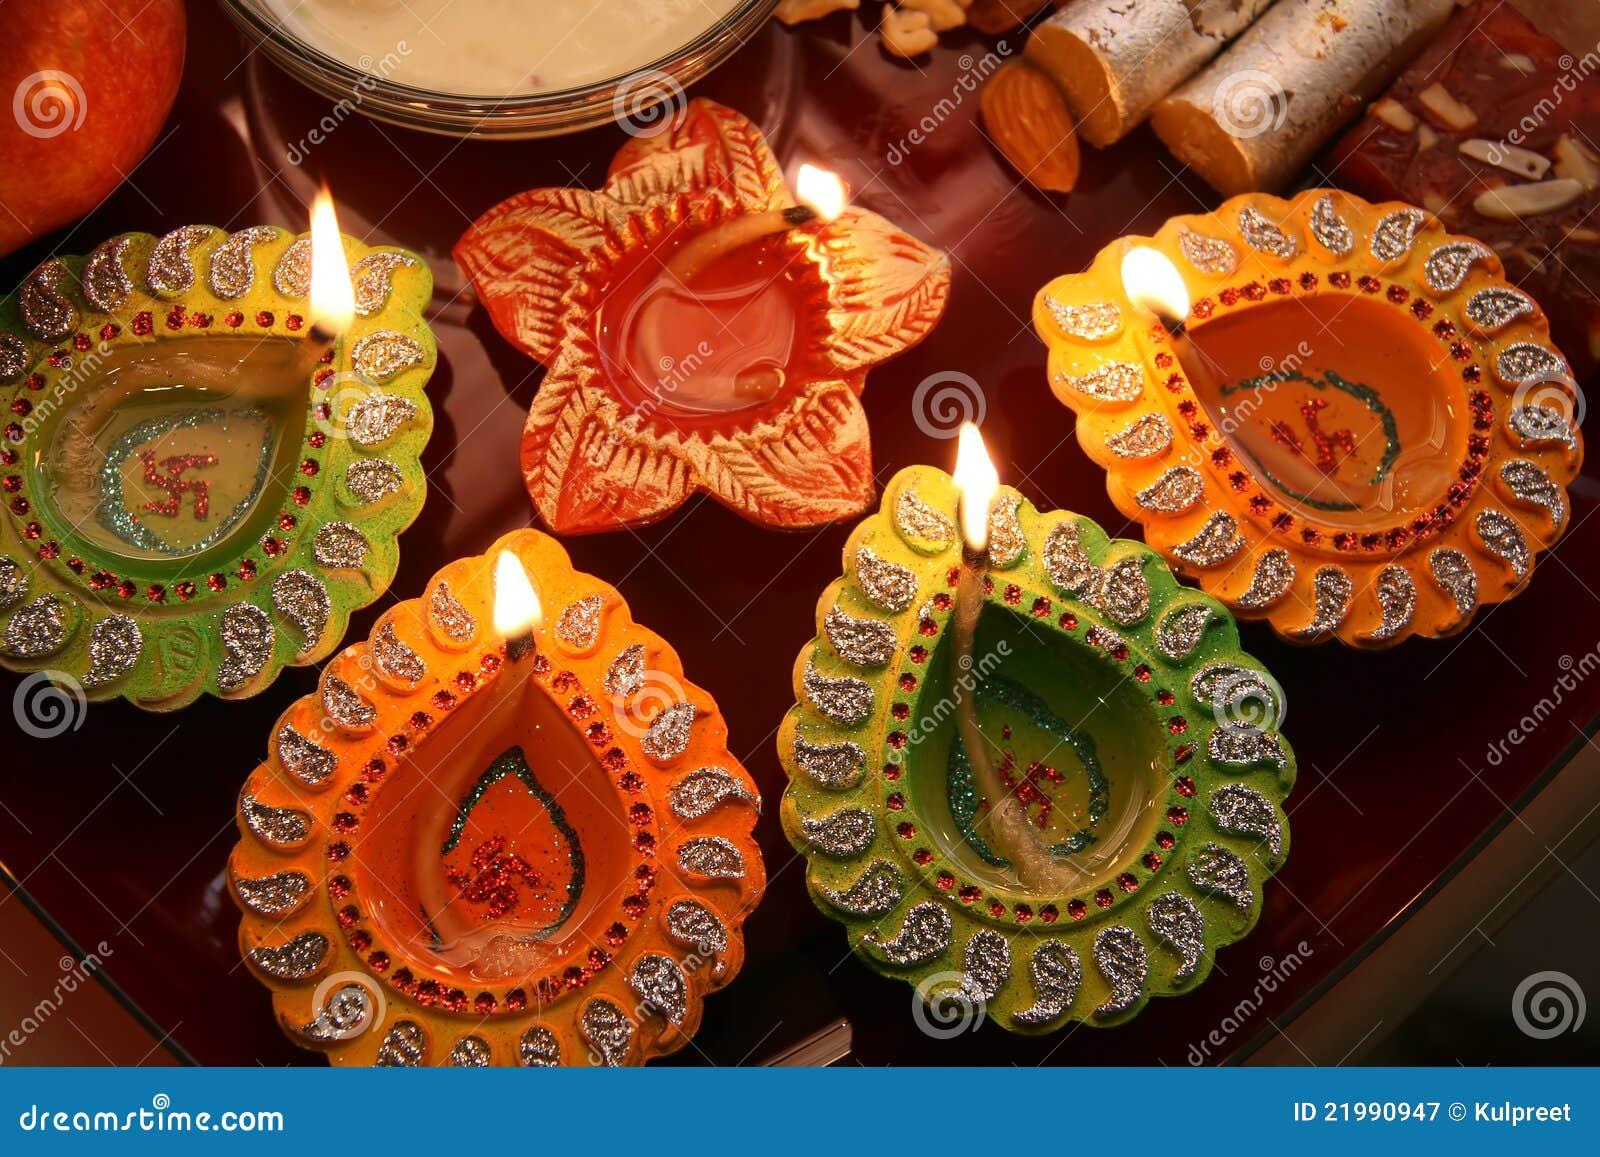 Diwali thali with decorated diya